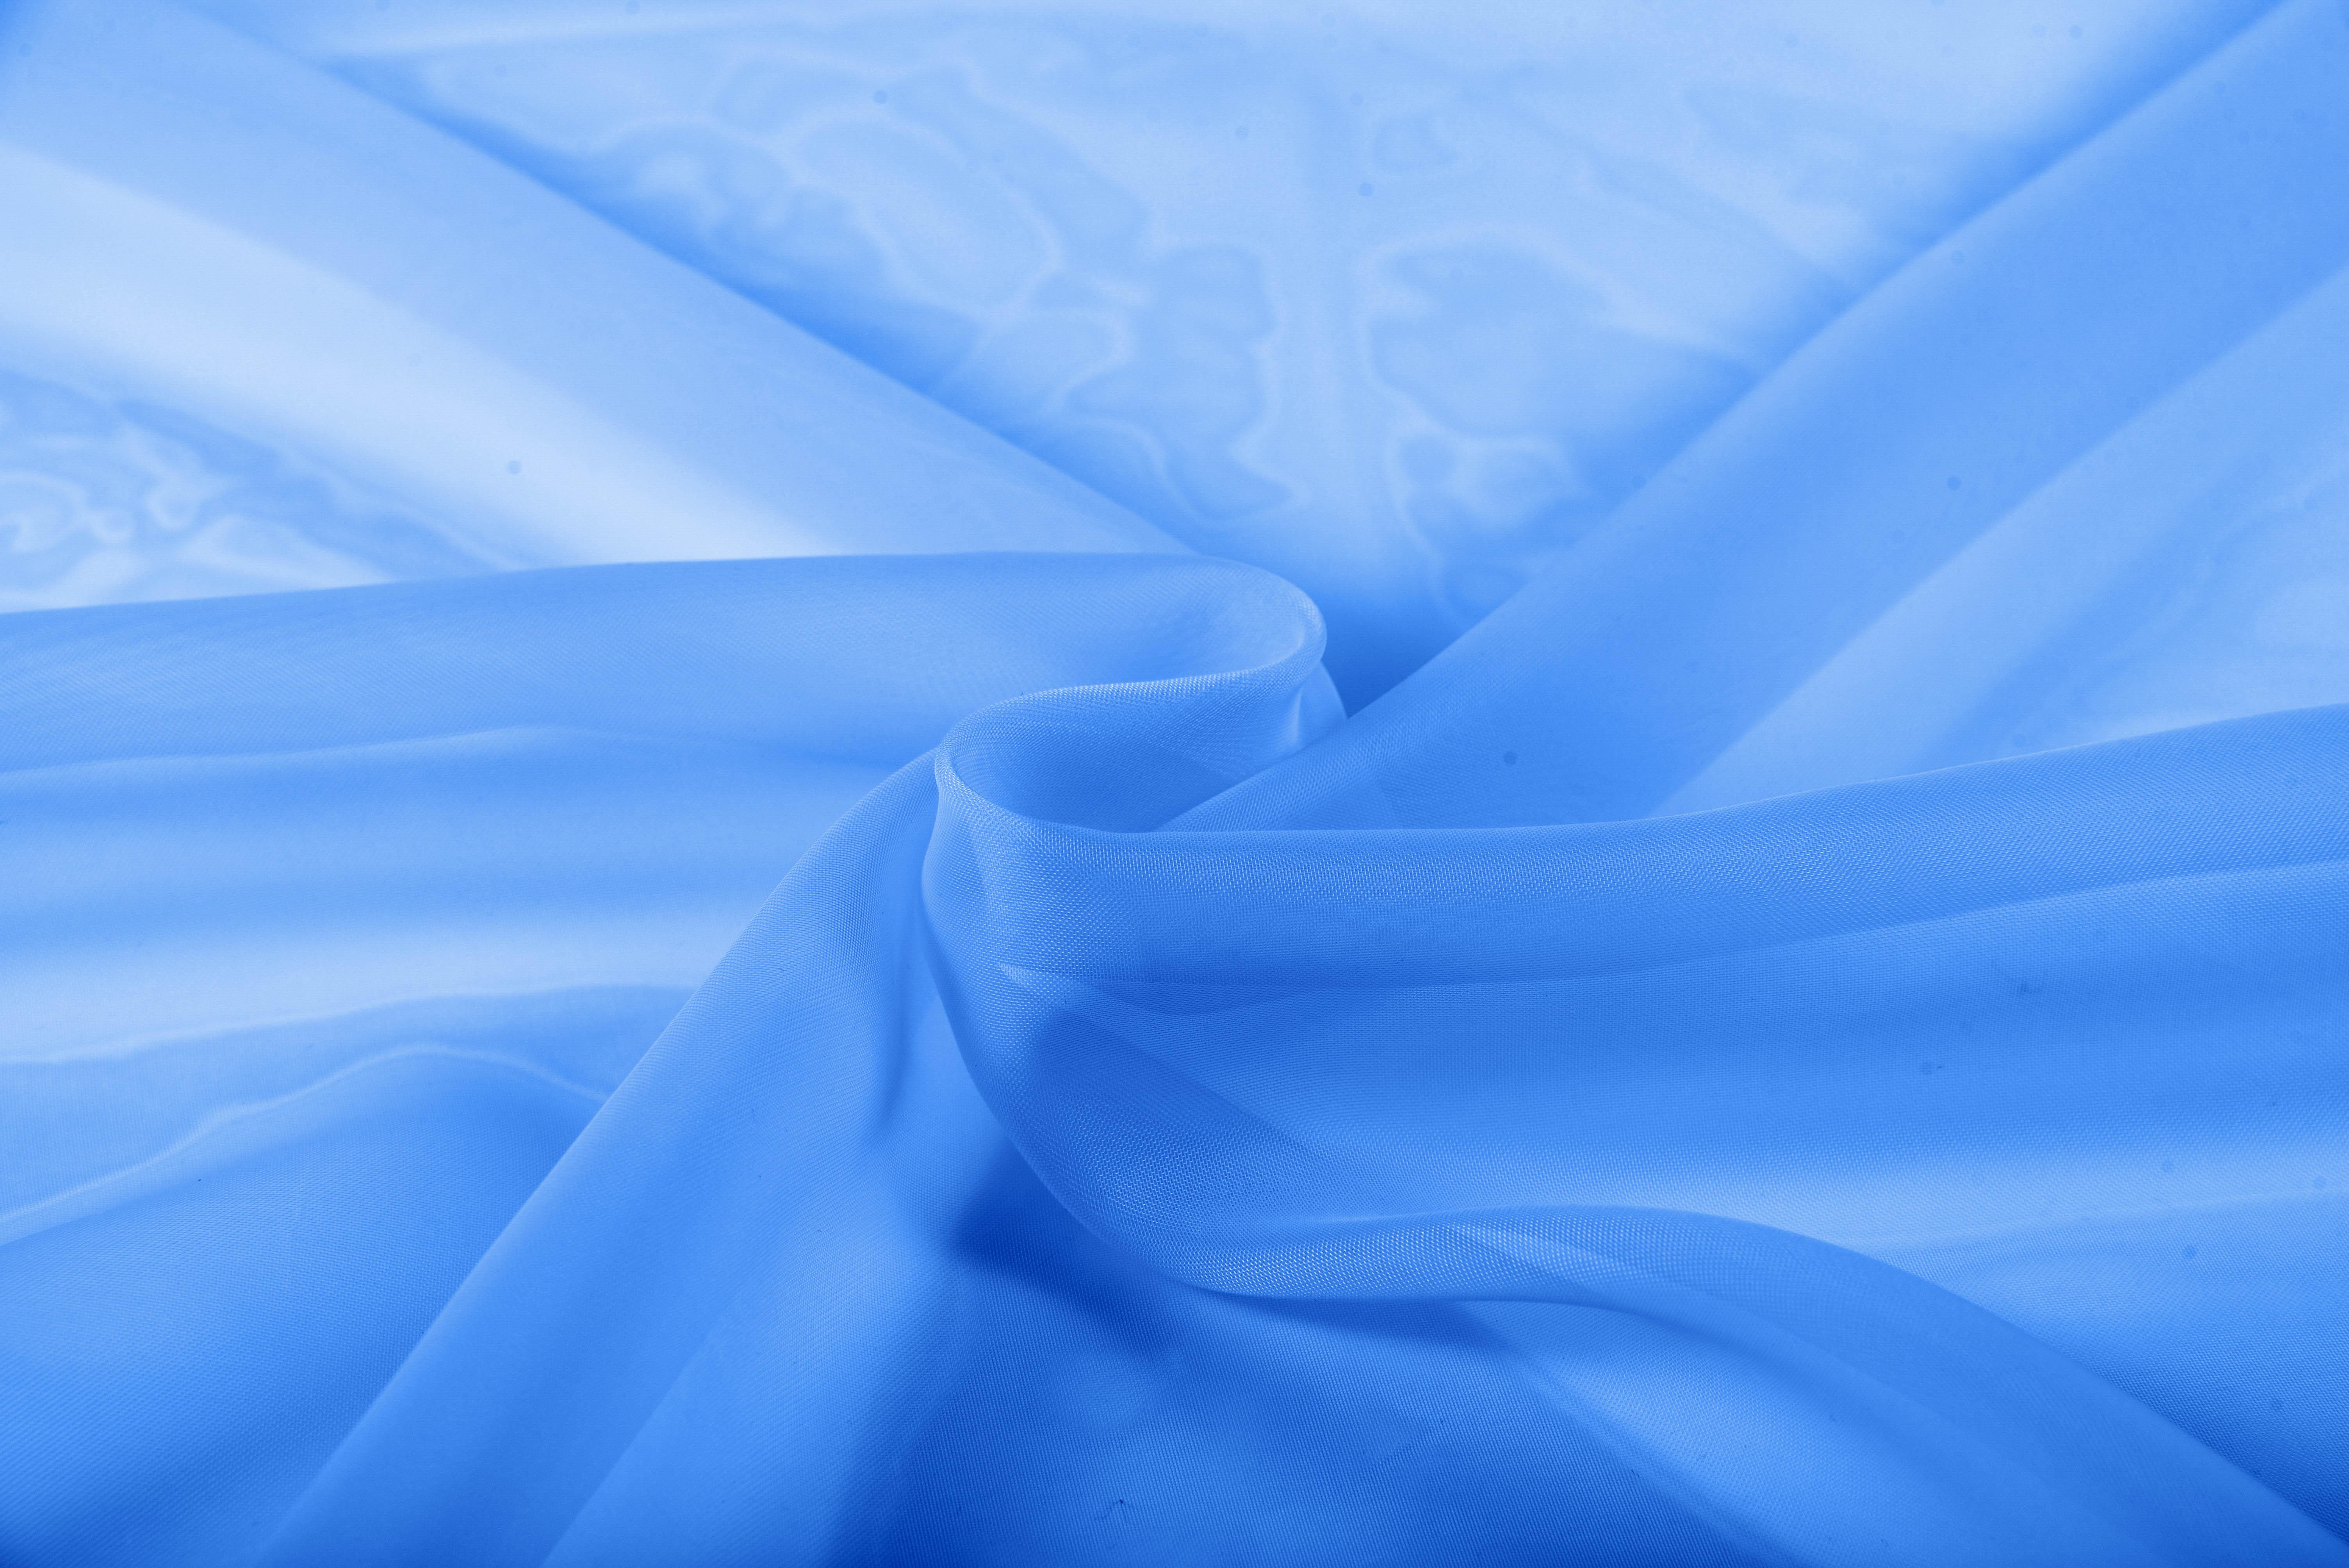 Купить Ткани TexRepublic, Материал Вуаль Palette Цвет: Синий, Китай